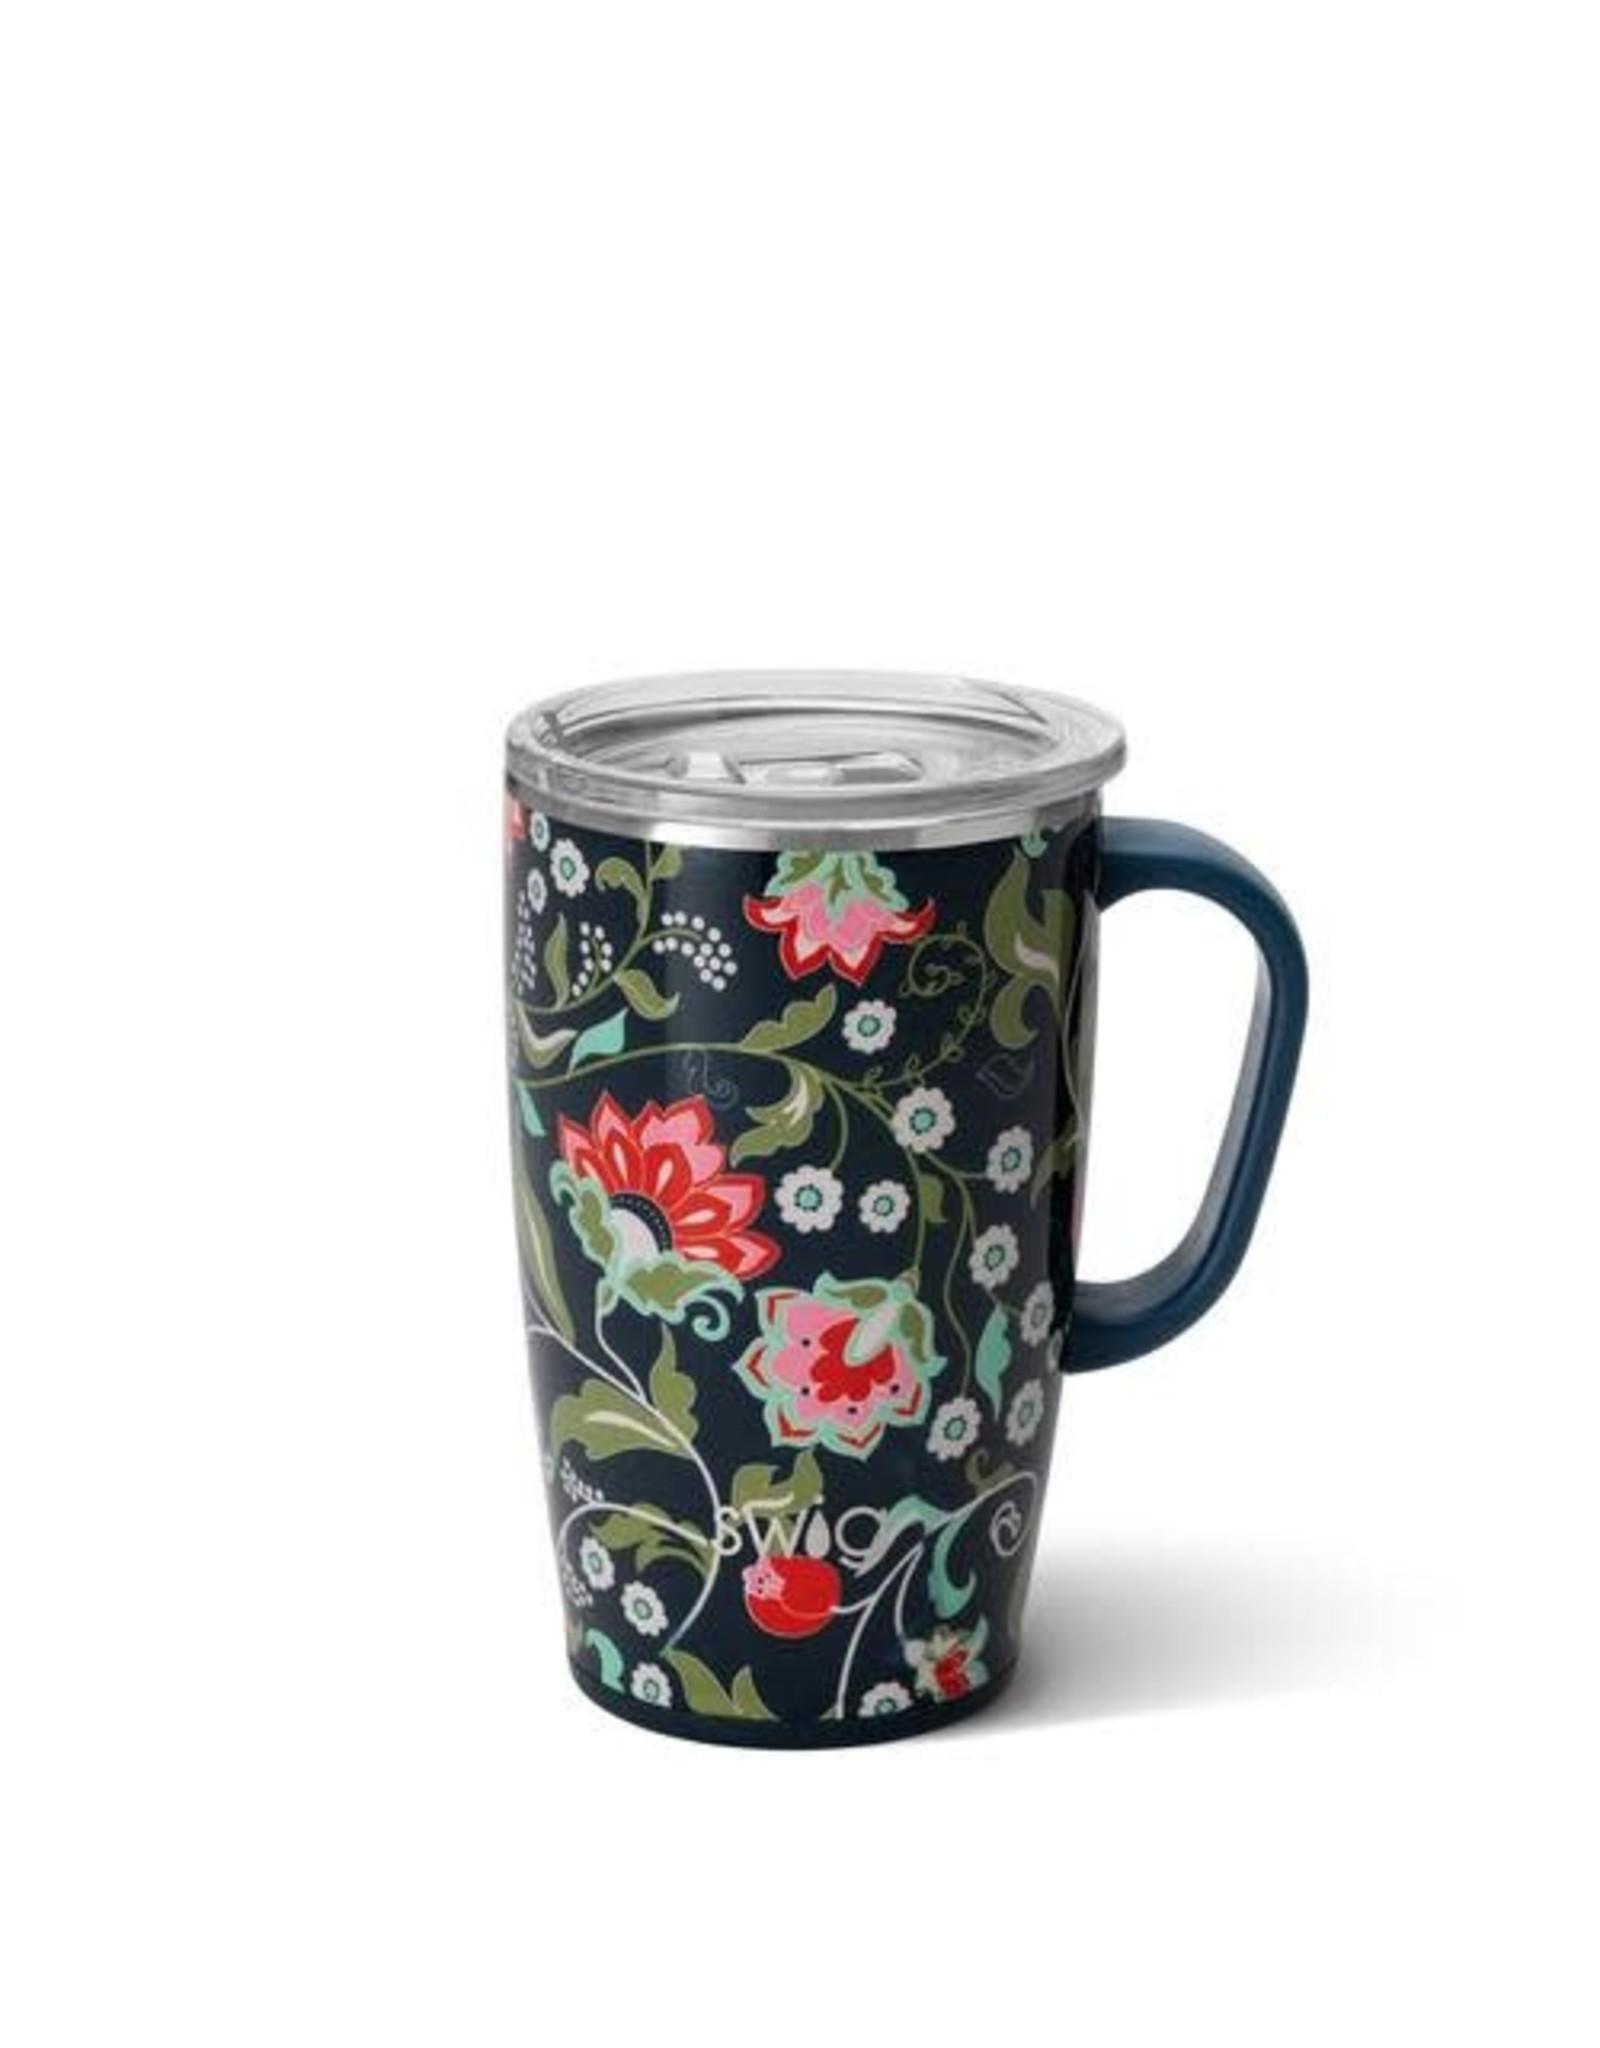 Lotus Blossom Swig 18 oz Mug